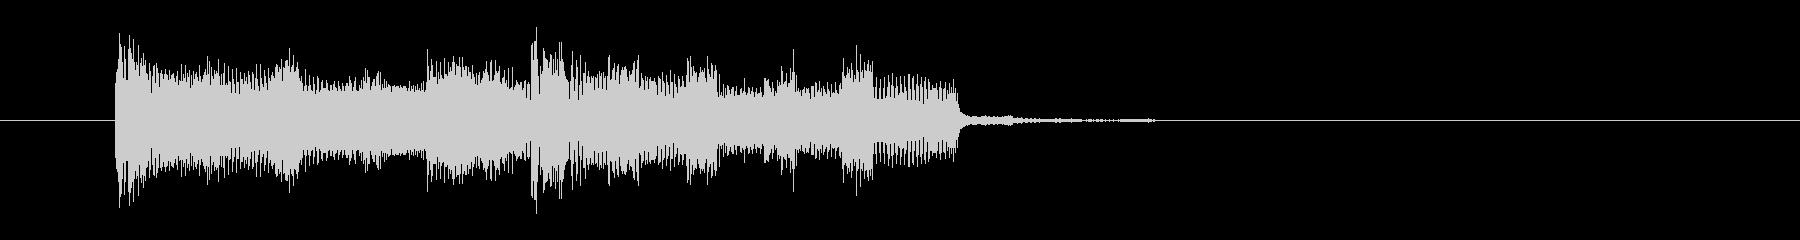 シックでベースが印象的なロックの未再生の波形